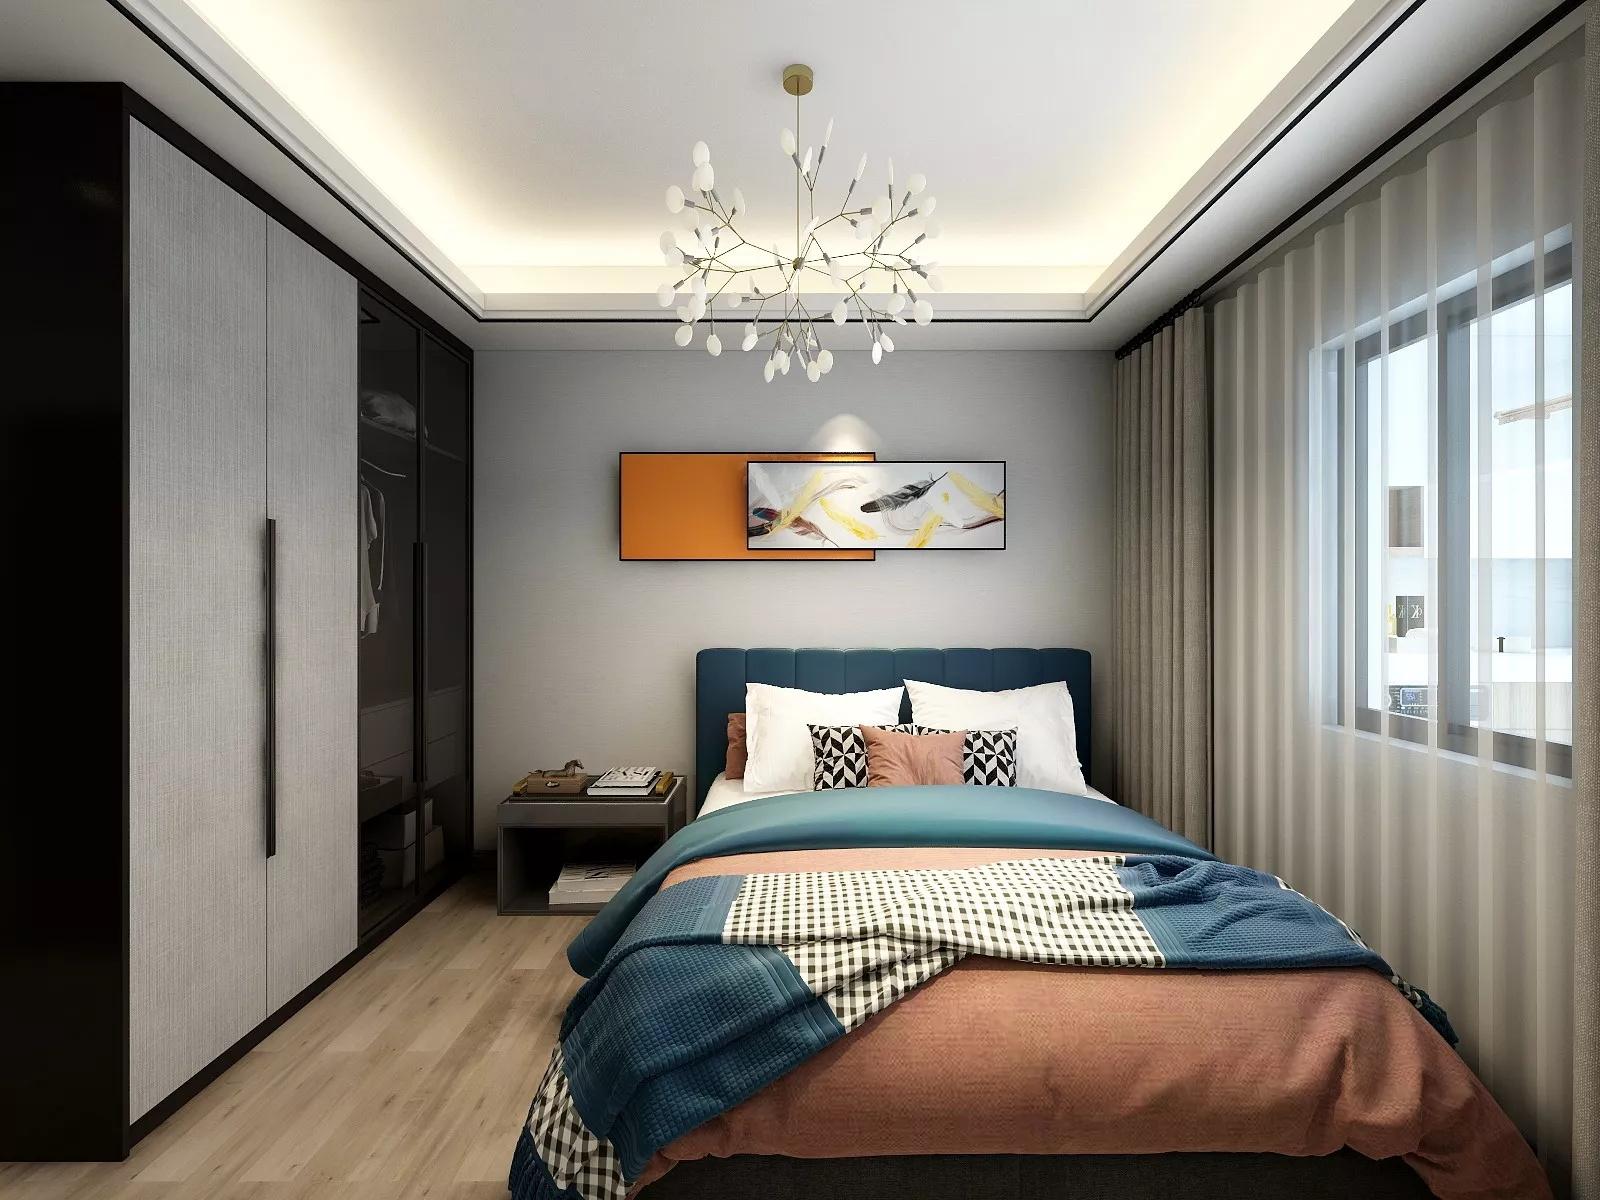 卧室隔断设计的注意事项有哪些